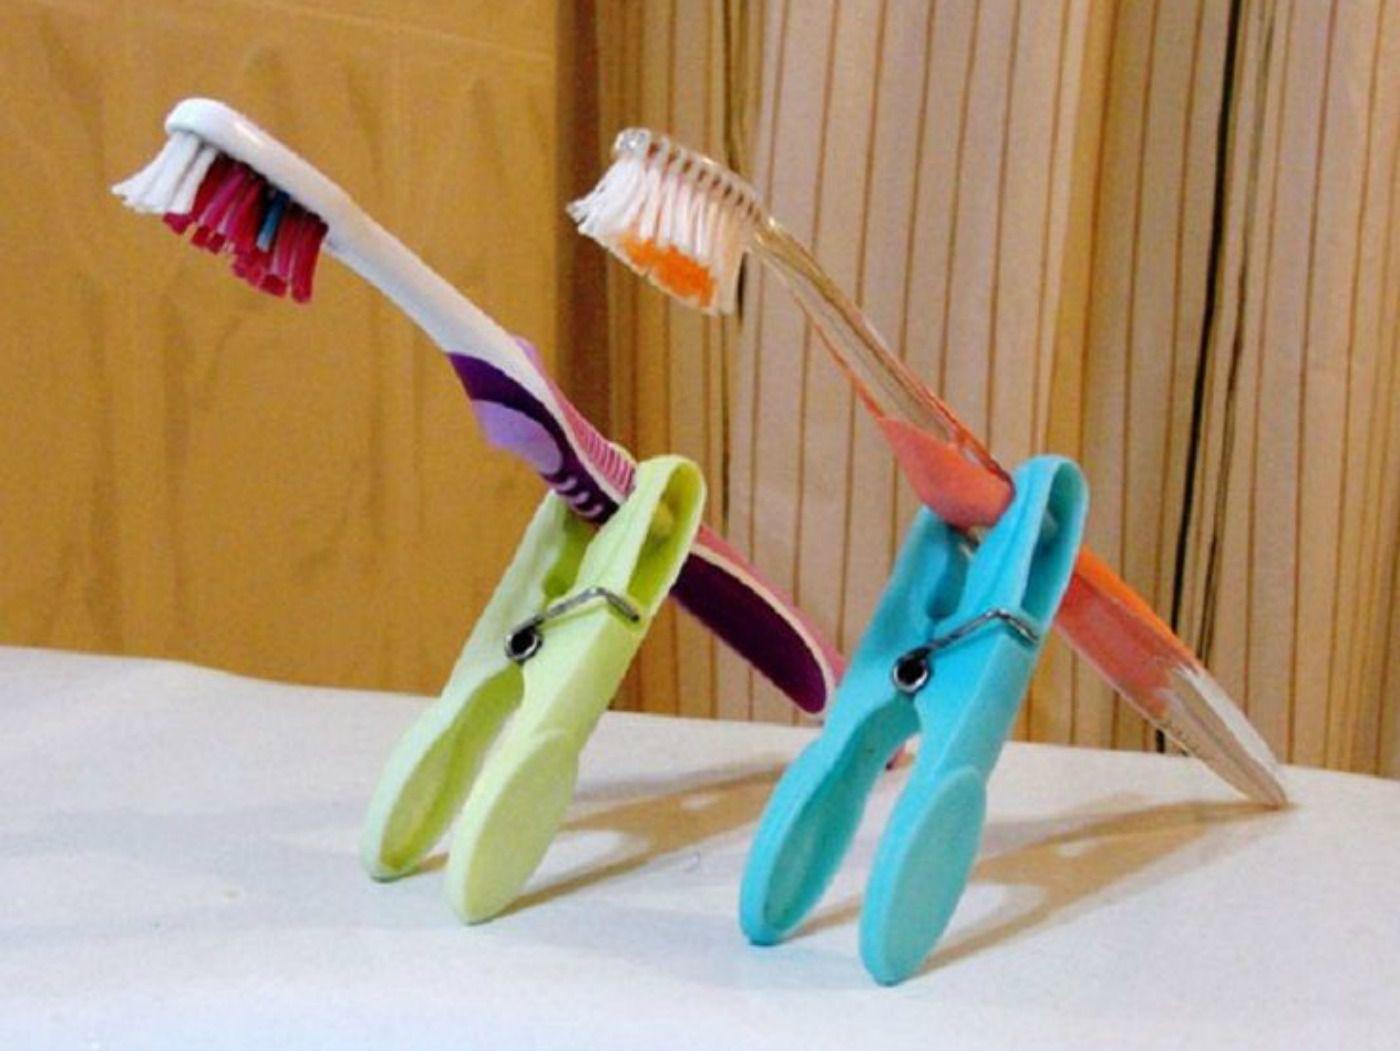 Pinterest_Packing_ToothbrushHolder.jpg